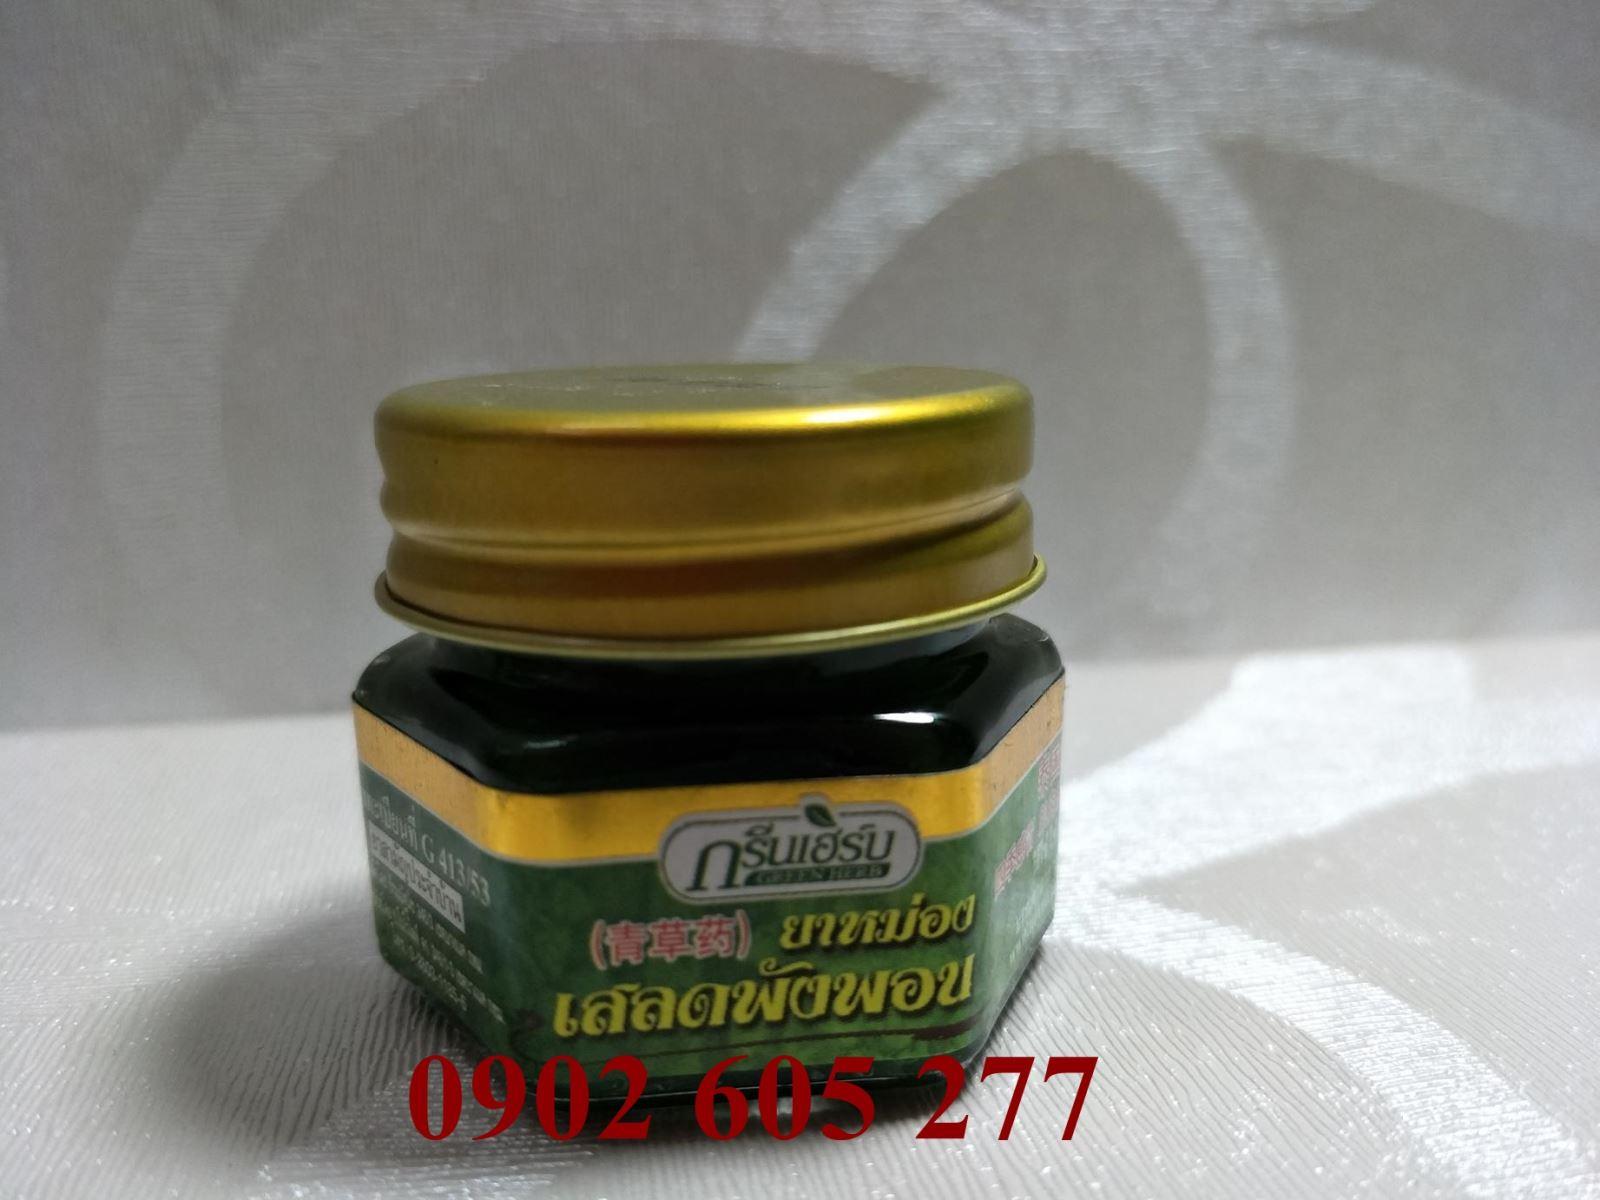 Dầu cù là green herb cung cấp tại Nha Trang – dau cu la green herb cung cap tai nha trang